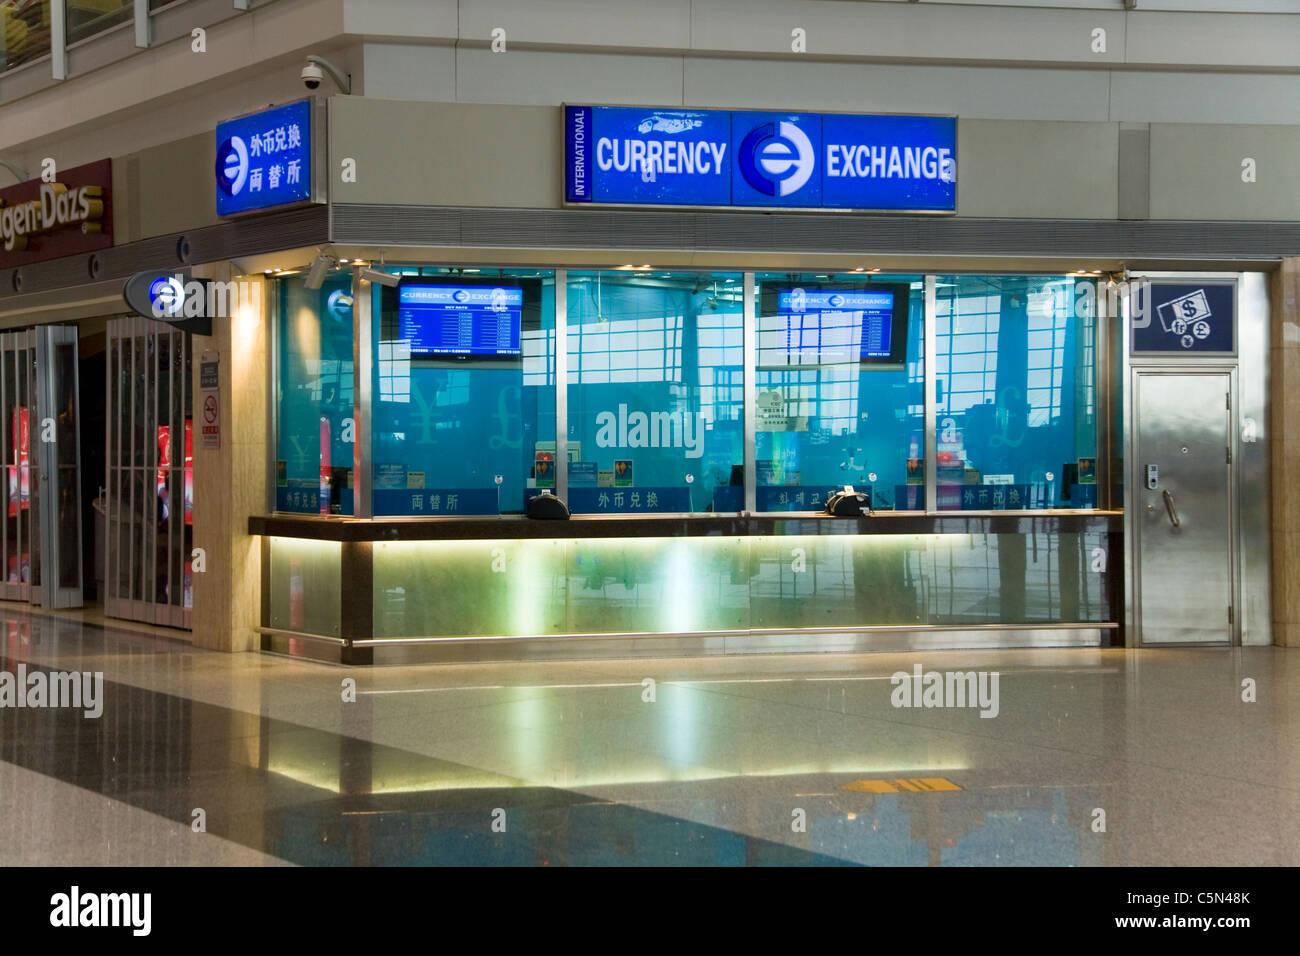 bureau de change bureau fonctionnait par international currency exchange ice automate a l aeroport international de pekin chine